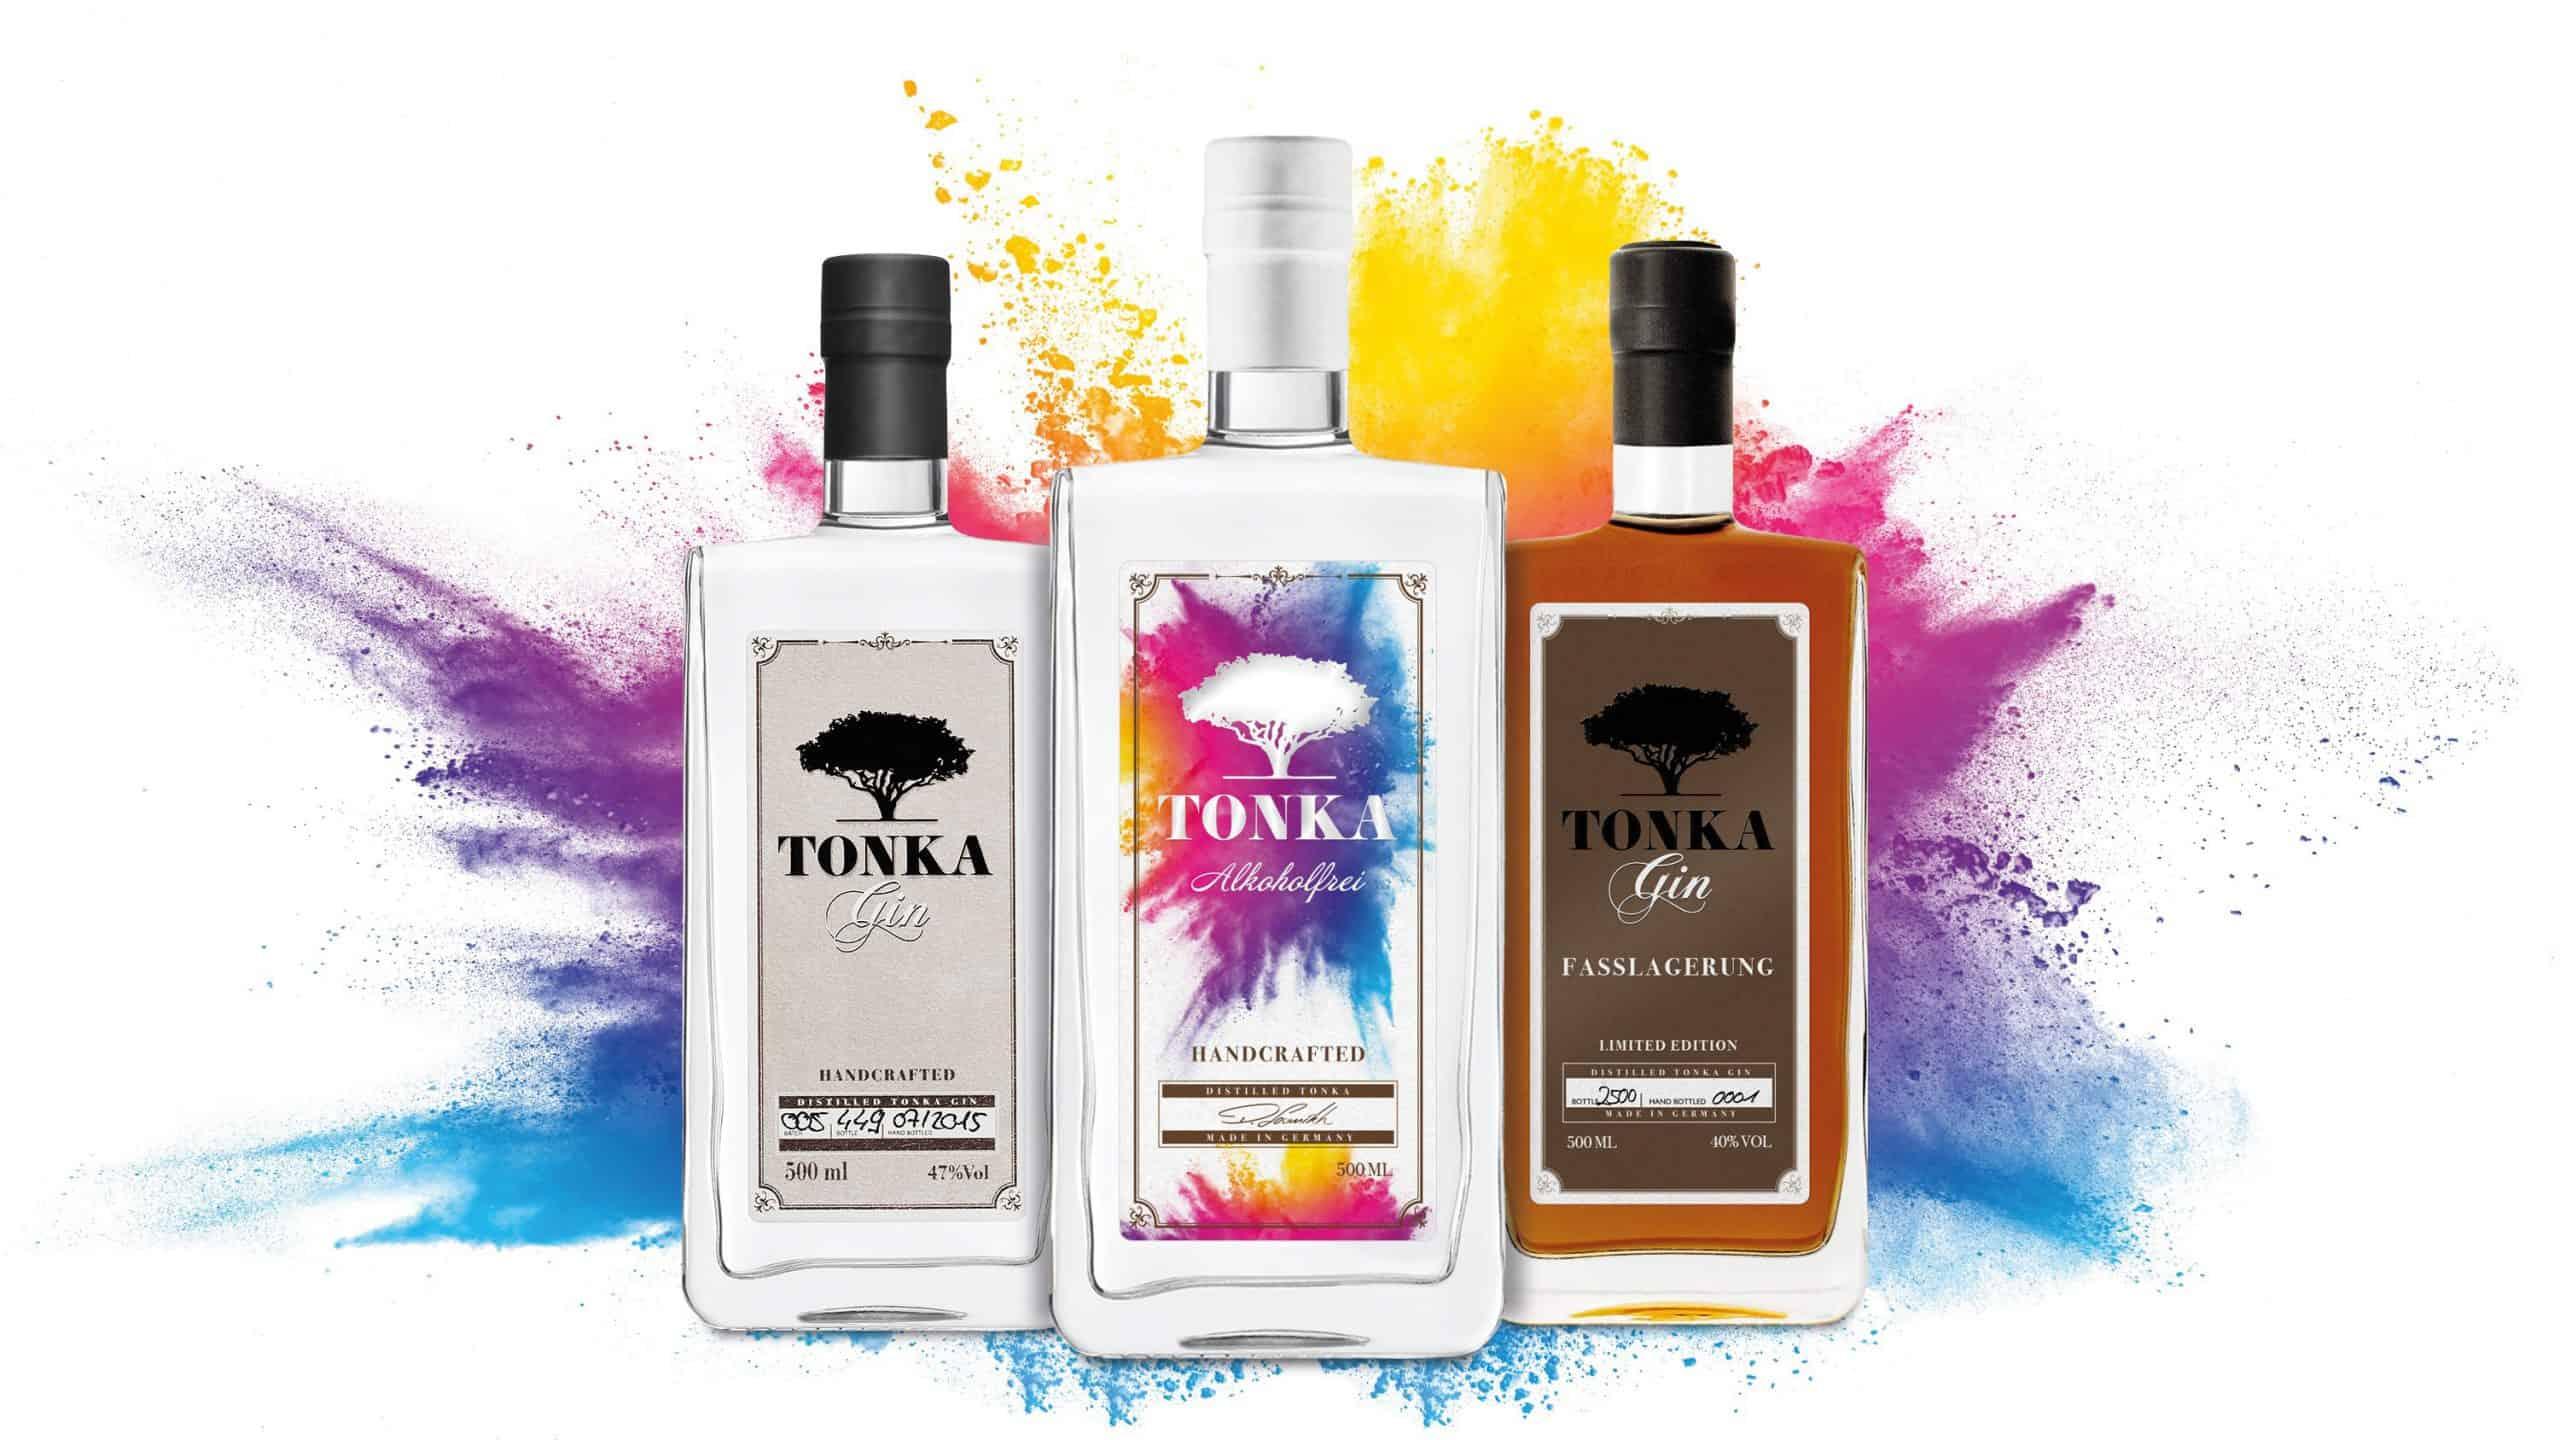 tonka-gin-scaled